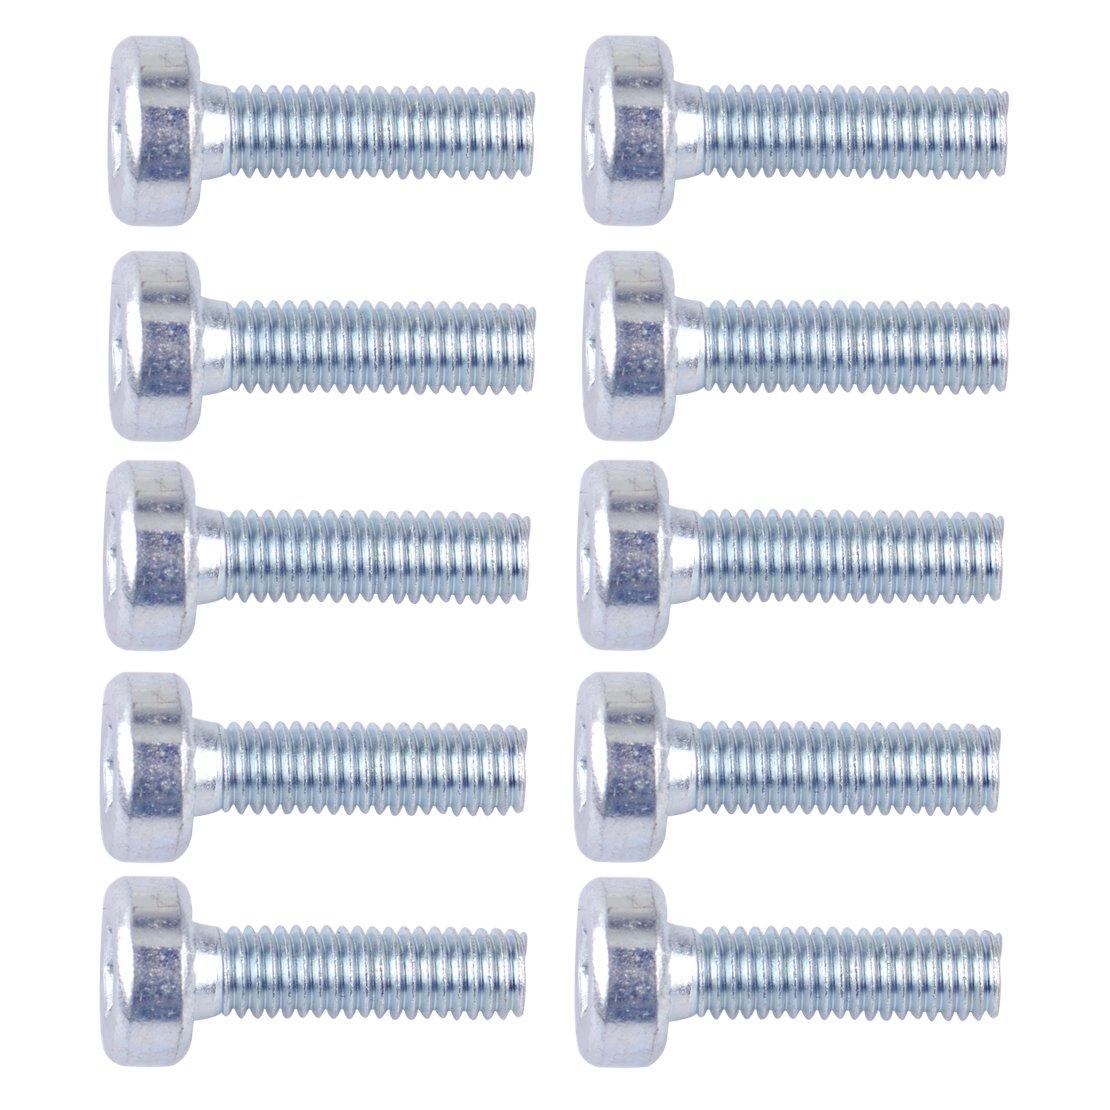 LETAOSK Torx Spline Schraubenbolzen T27 5mmx18mm M5X18 Kompatibel mit STIHL Kettens/ägen 10er Pack